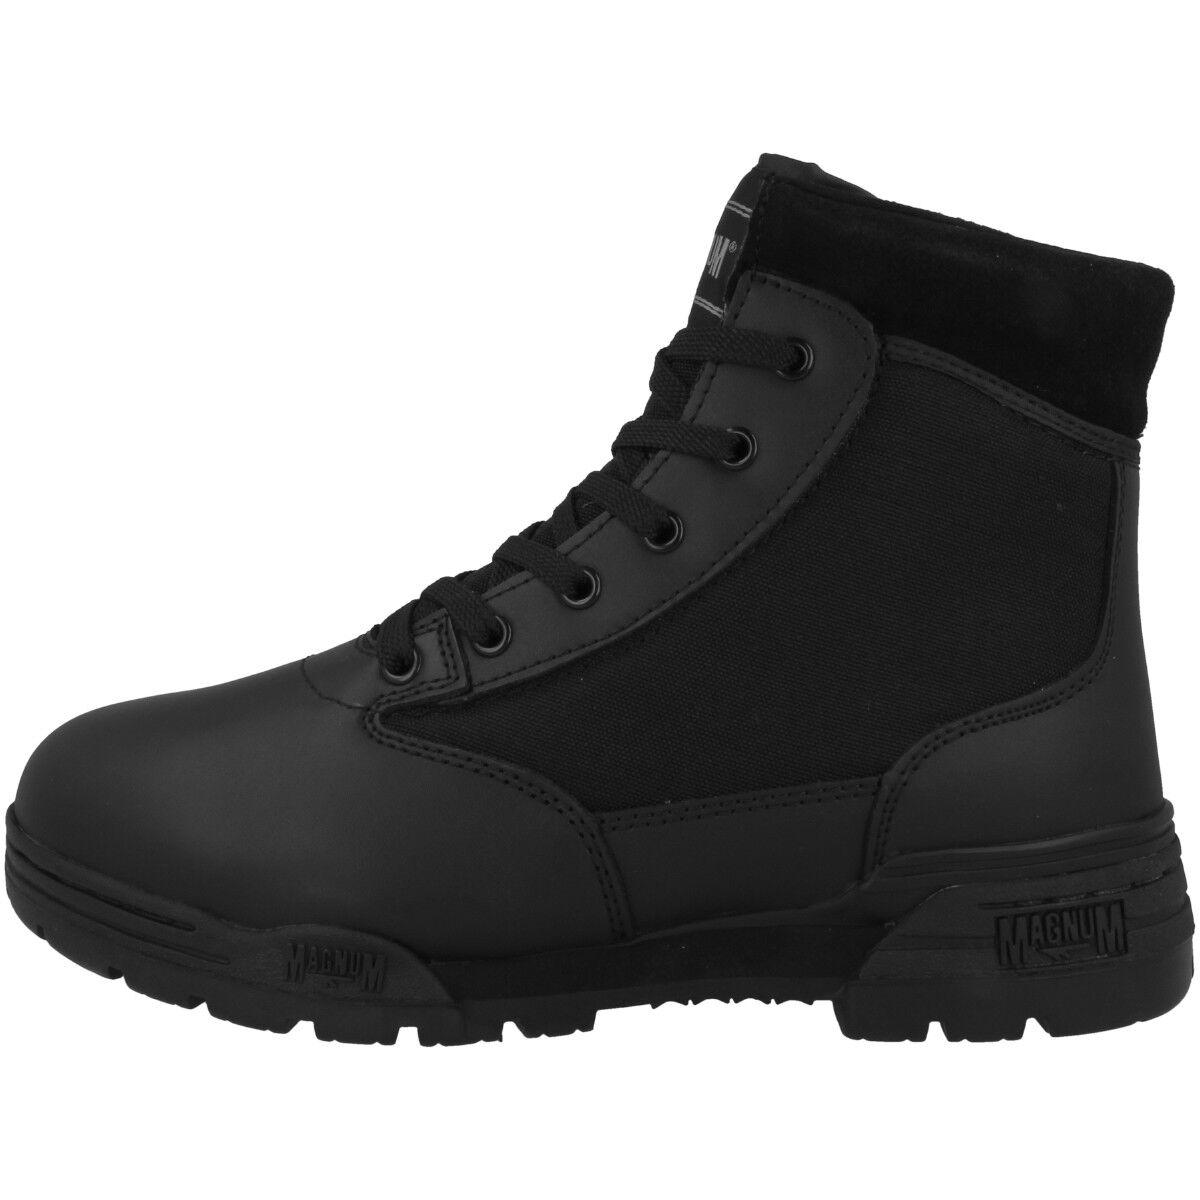 Magnum Hi-Tec Classic mid zapatos botas HITEC uso de botas negro m800281-021-01